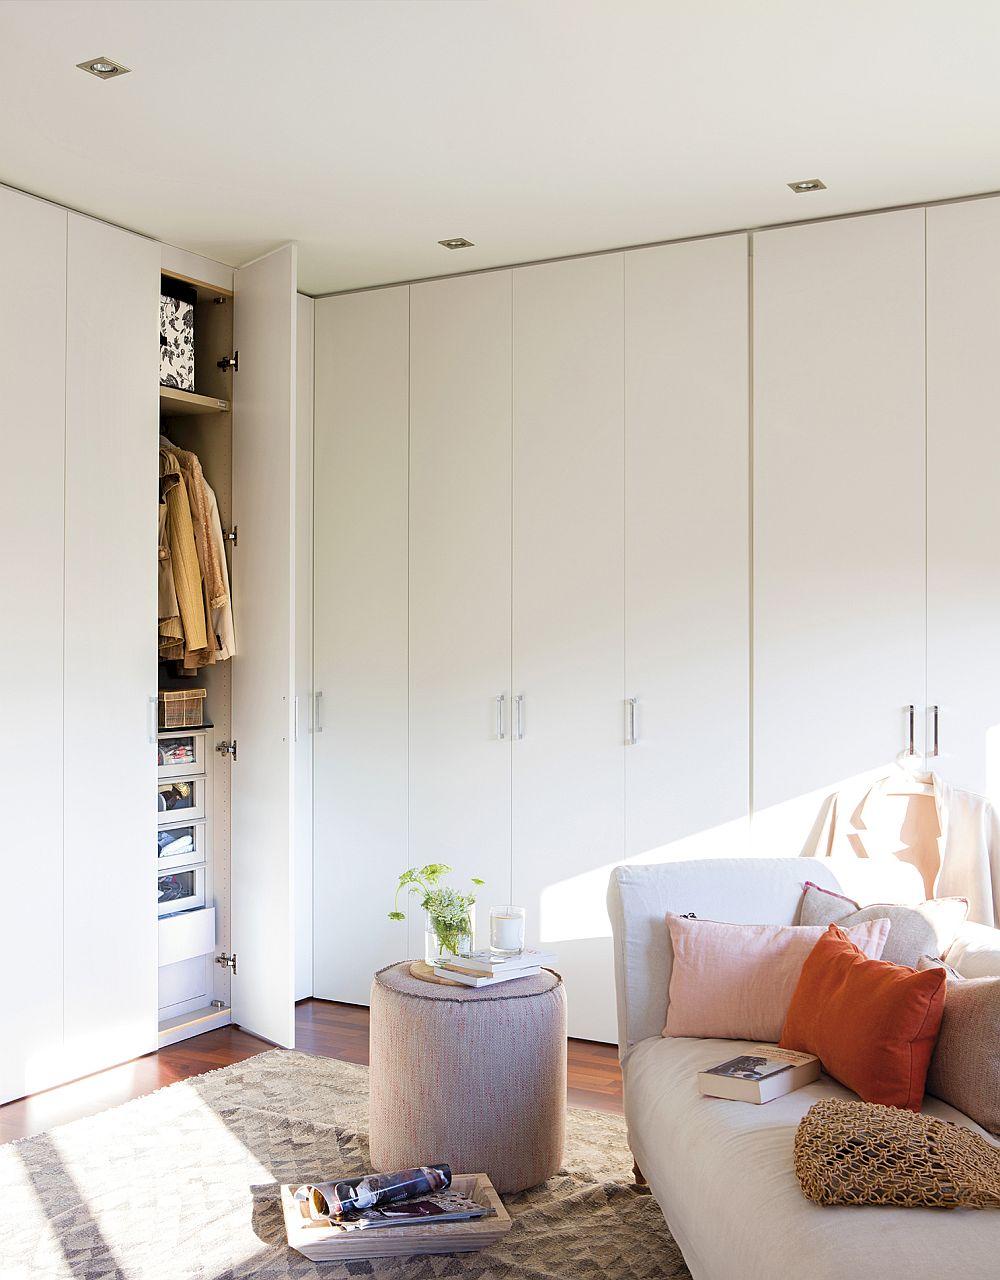 Dulapurile simple, albe se camuflează bine ăn ansamblul camerei finisată cu vopsea lavabilă albă. O sofa cu tapițerie textilă, un taburete rotund, un covor cu motive geometrice creionează o zonă altfel austeră din dormitor.